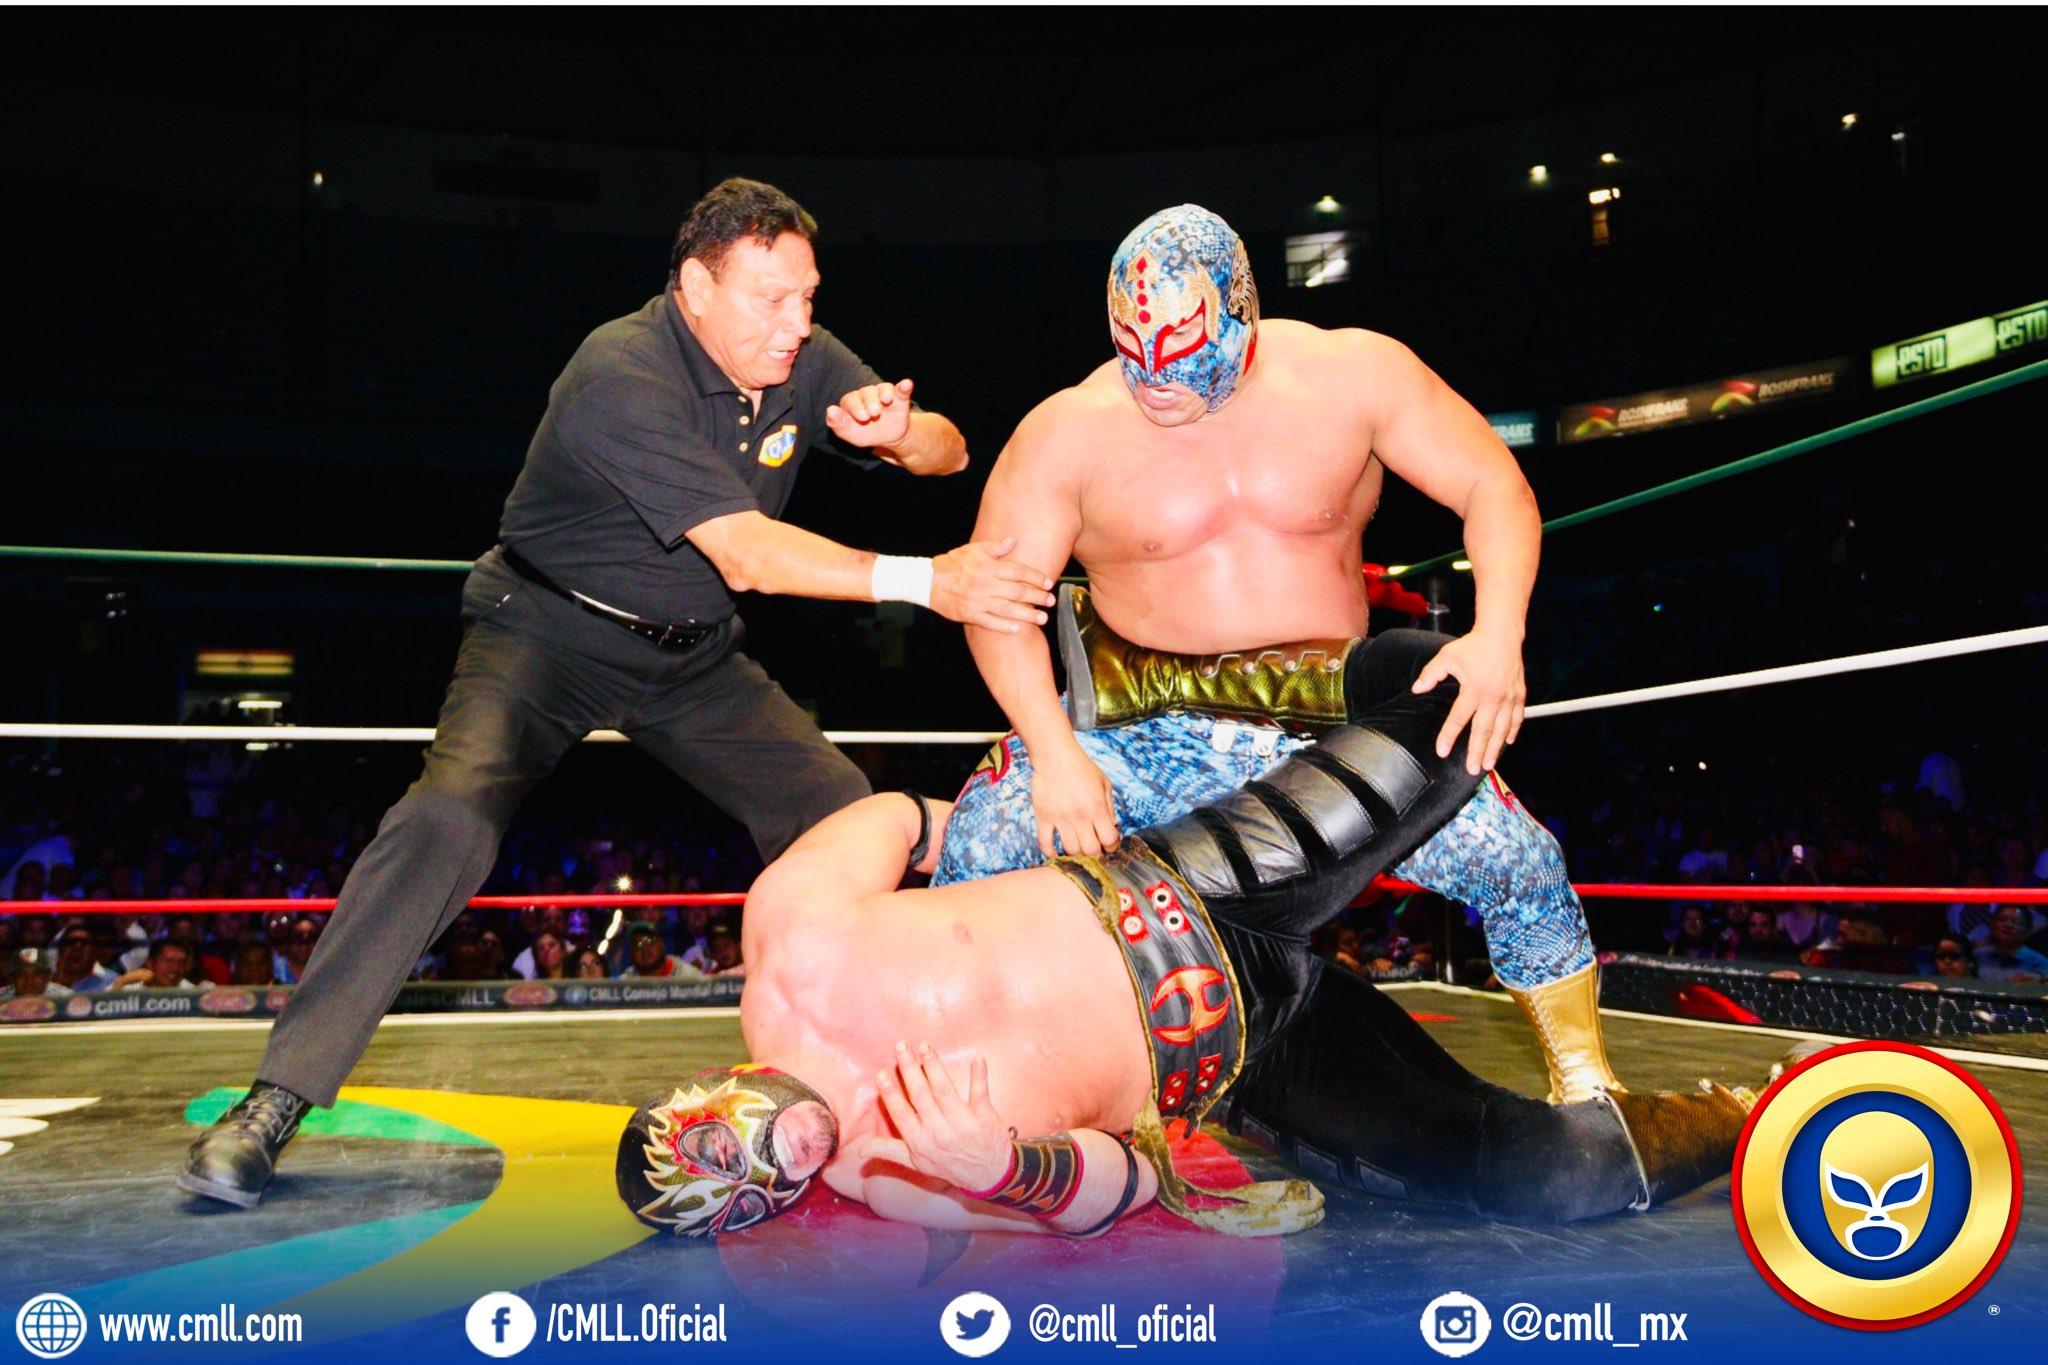 CMLL: Cavernario y Titán son la pareja increíble de 2019 4